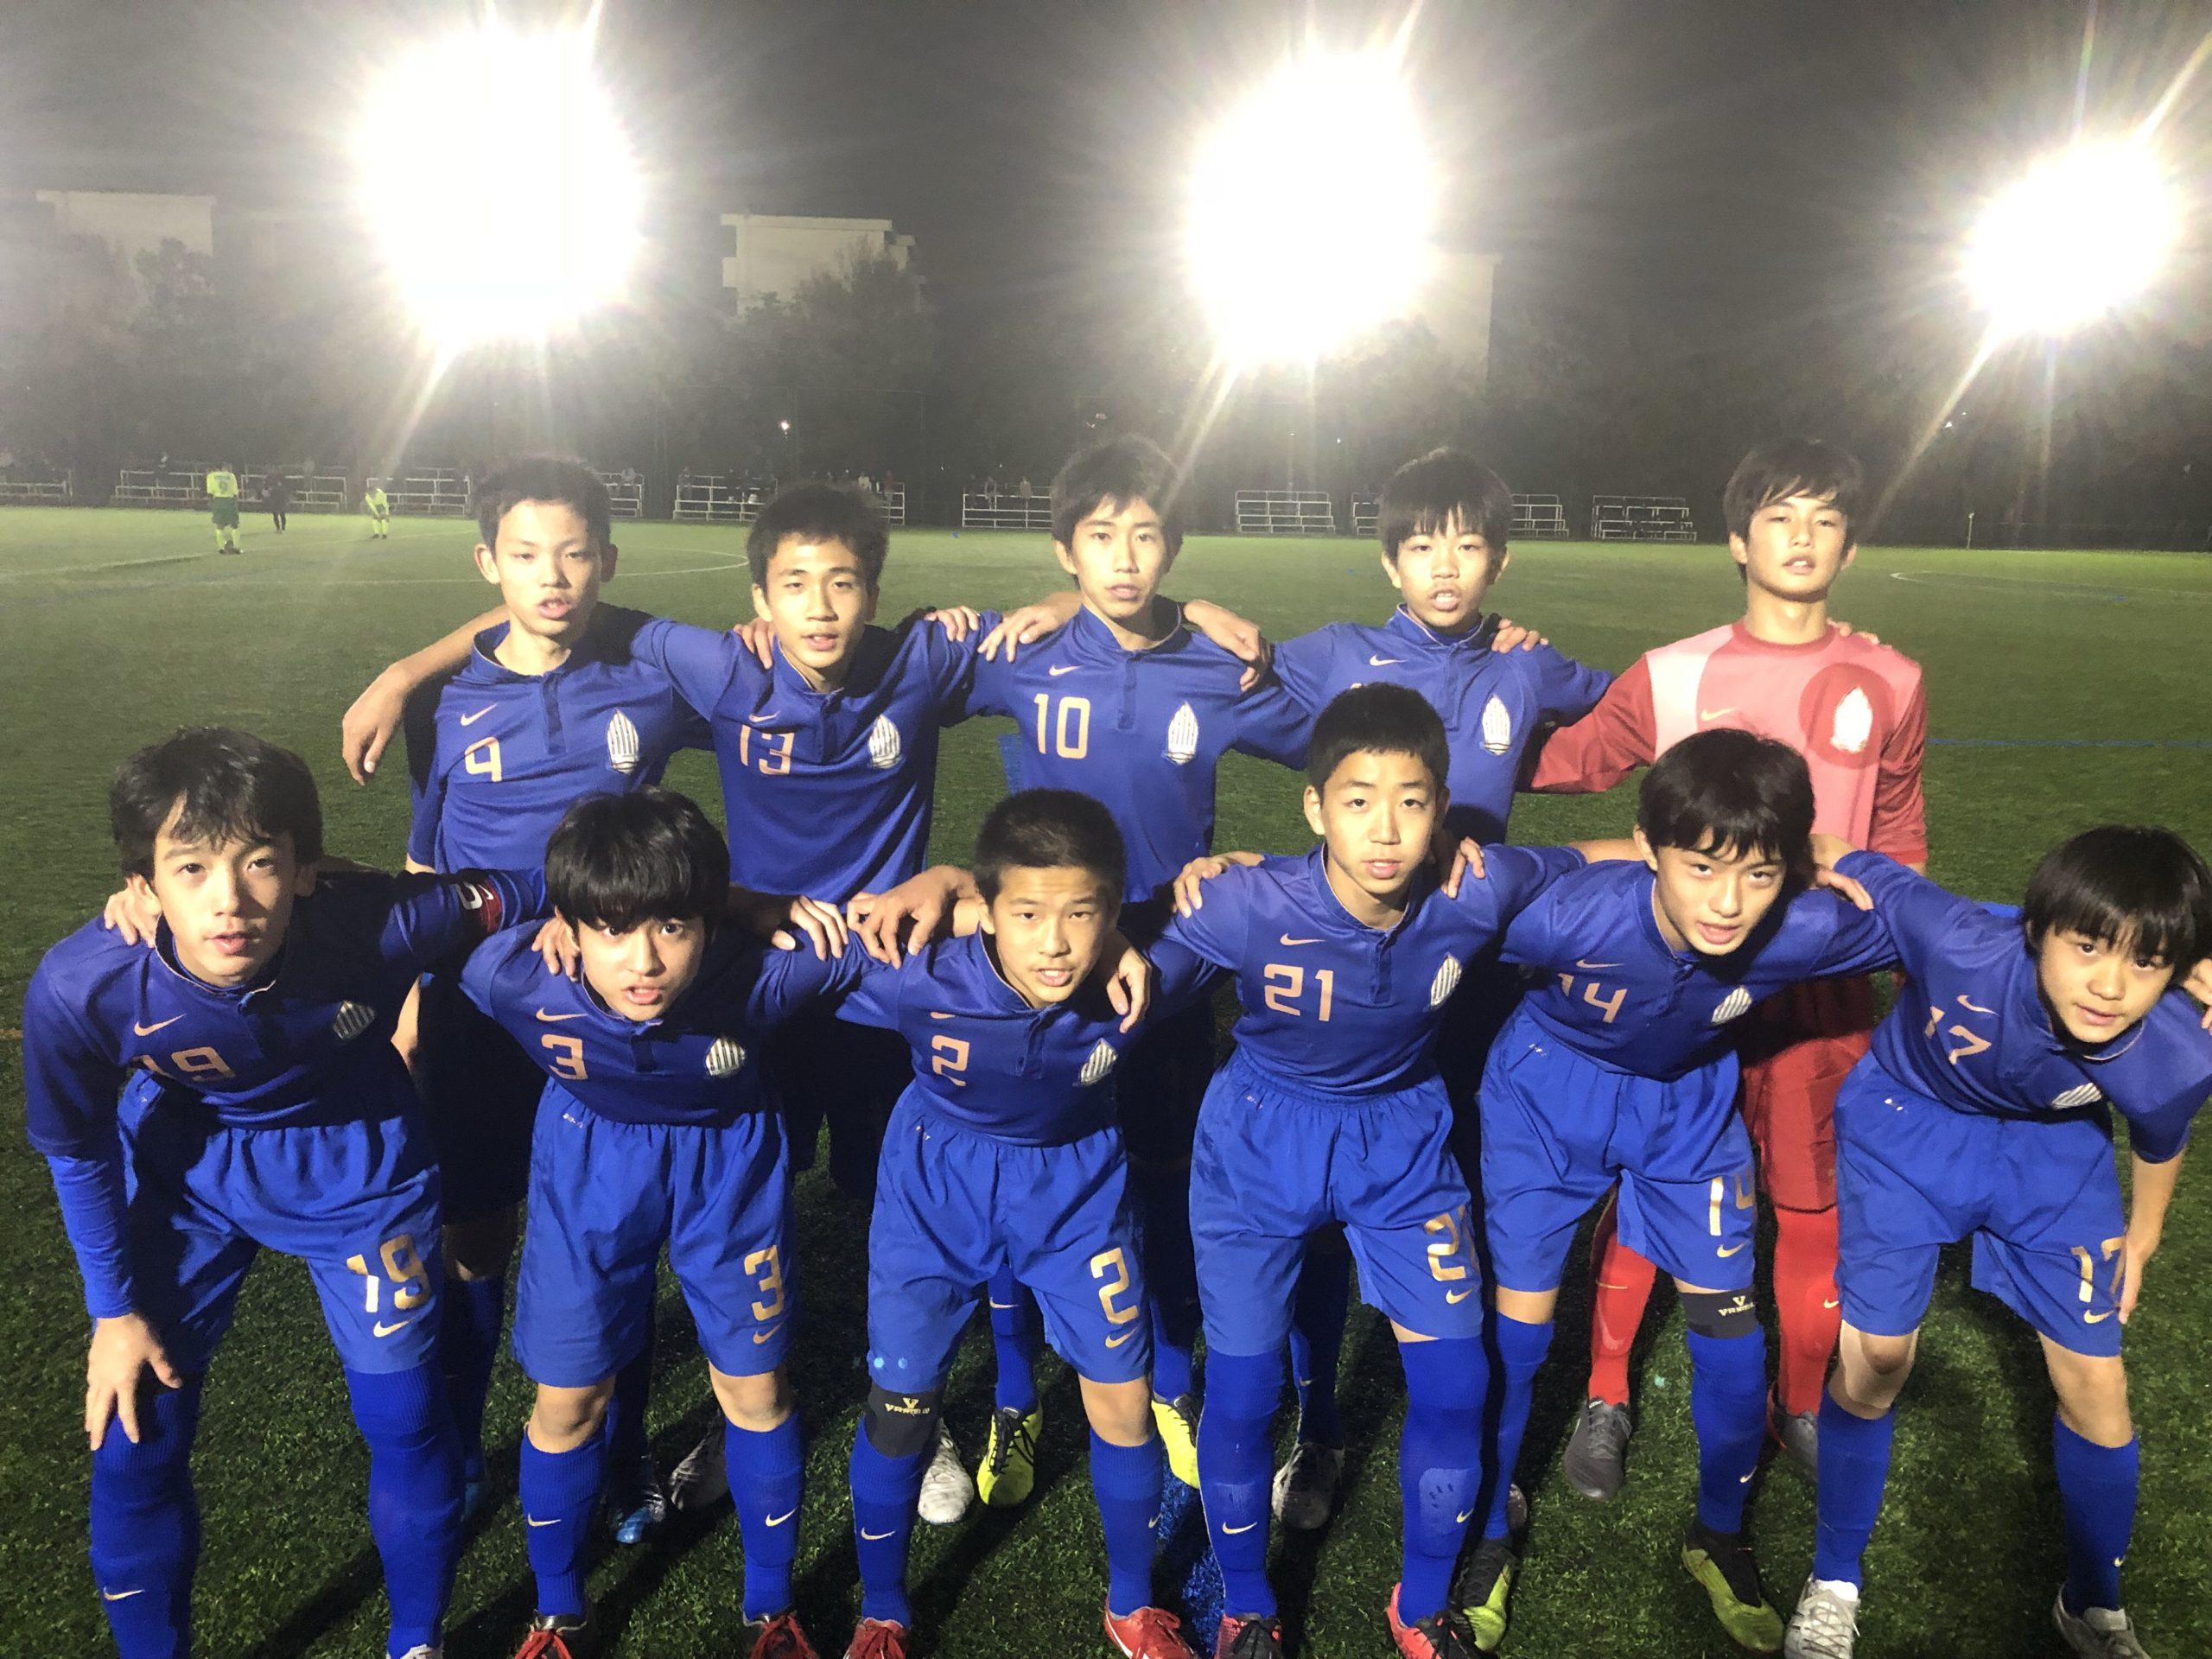 【U14】千葉県クラブユース(U-14)サッカーリーグ 第5節 結果